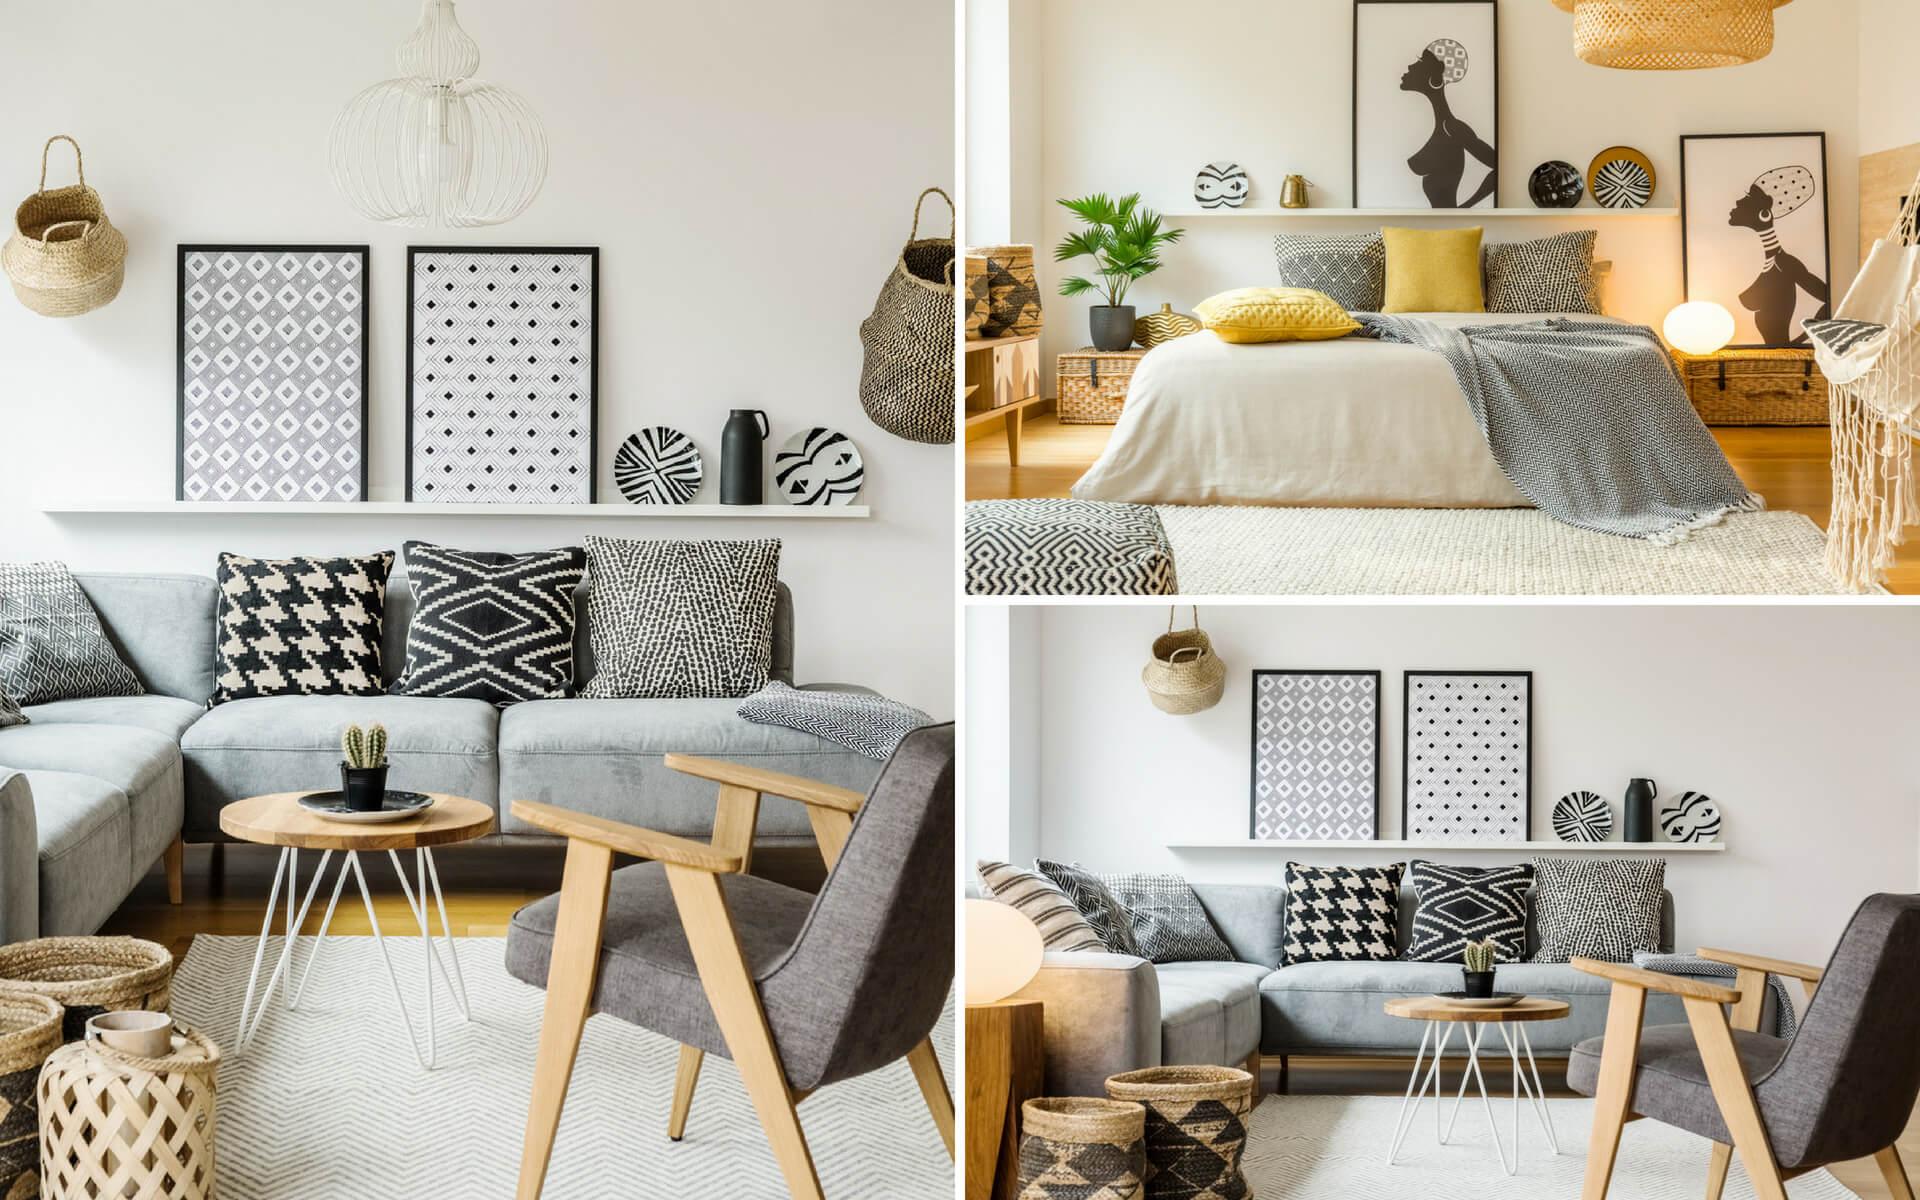 Lo stile Lagom è una delle ultime tendenze per arredare una casa moderna alla moda